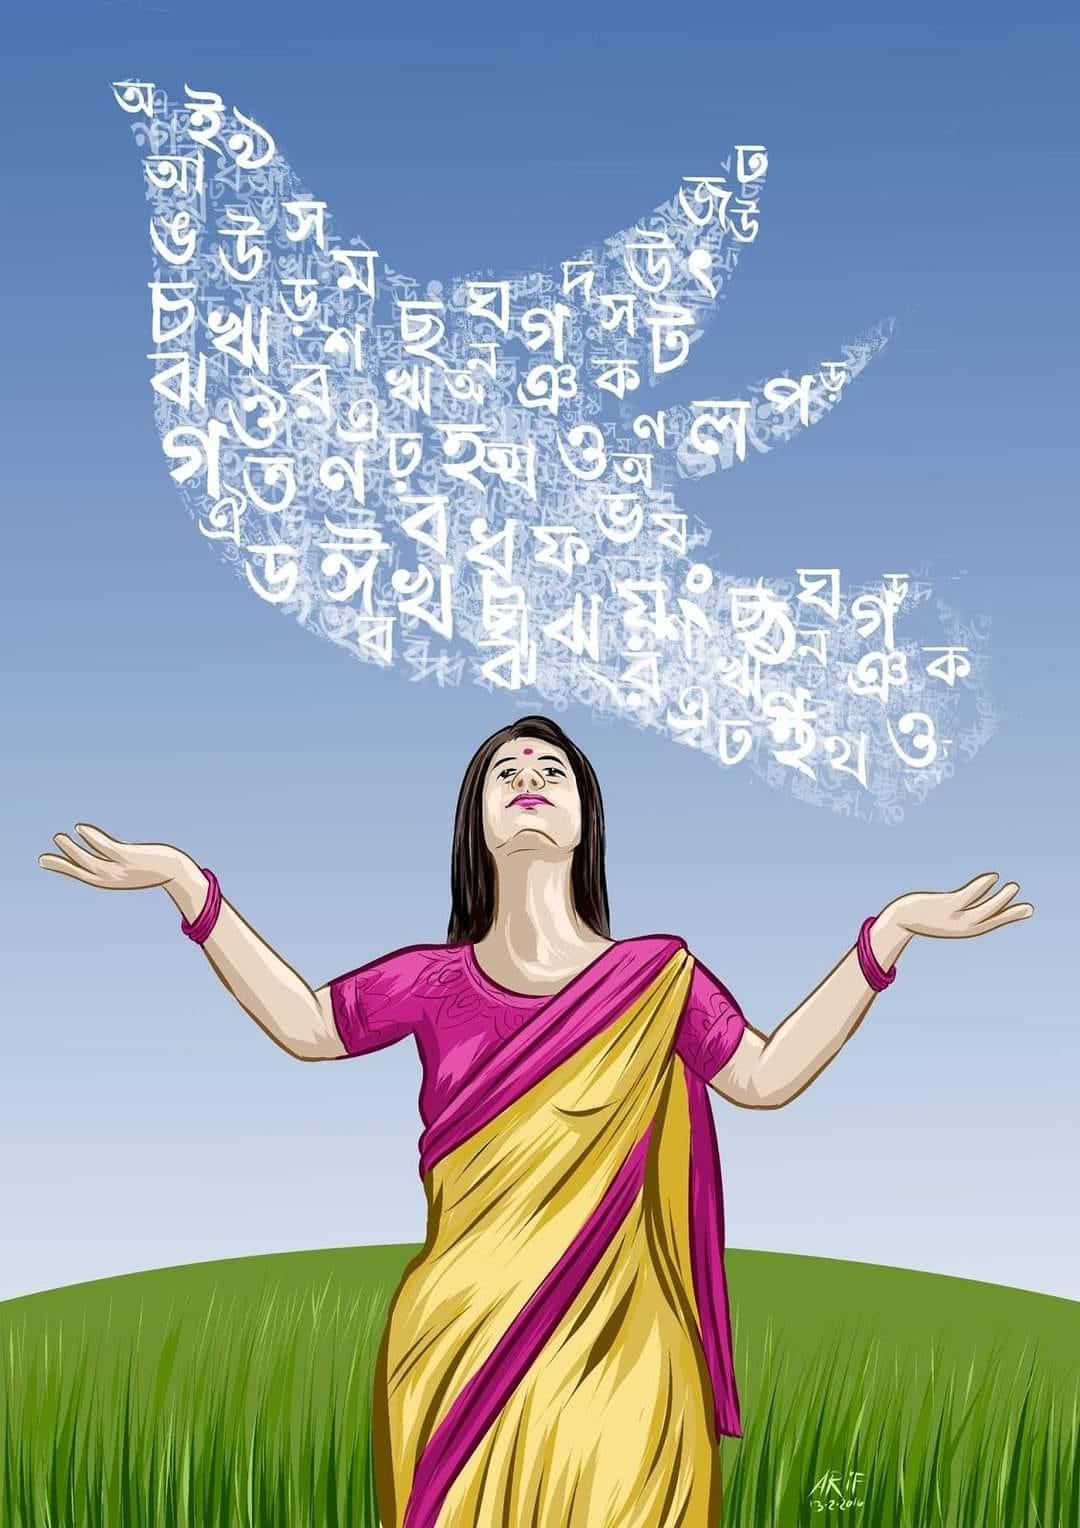 Den internasjonal morsmålsdagen og forklaringen